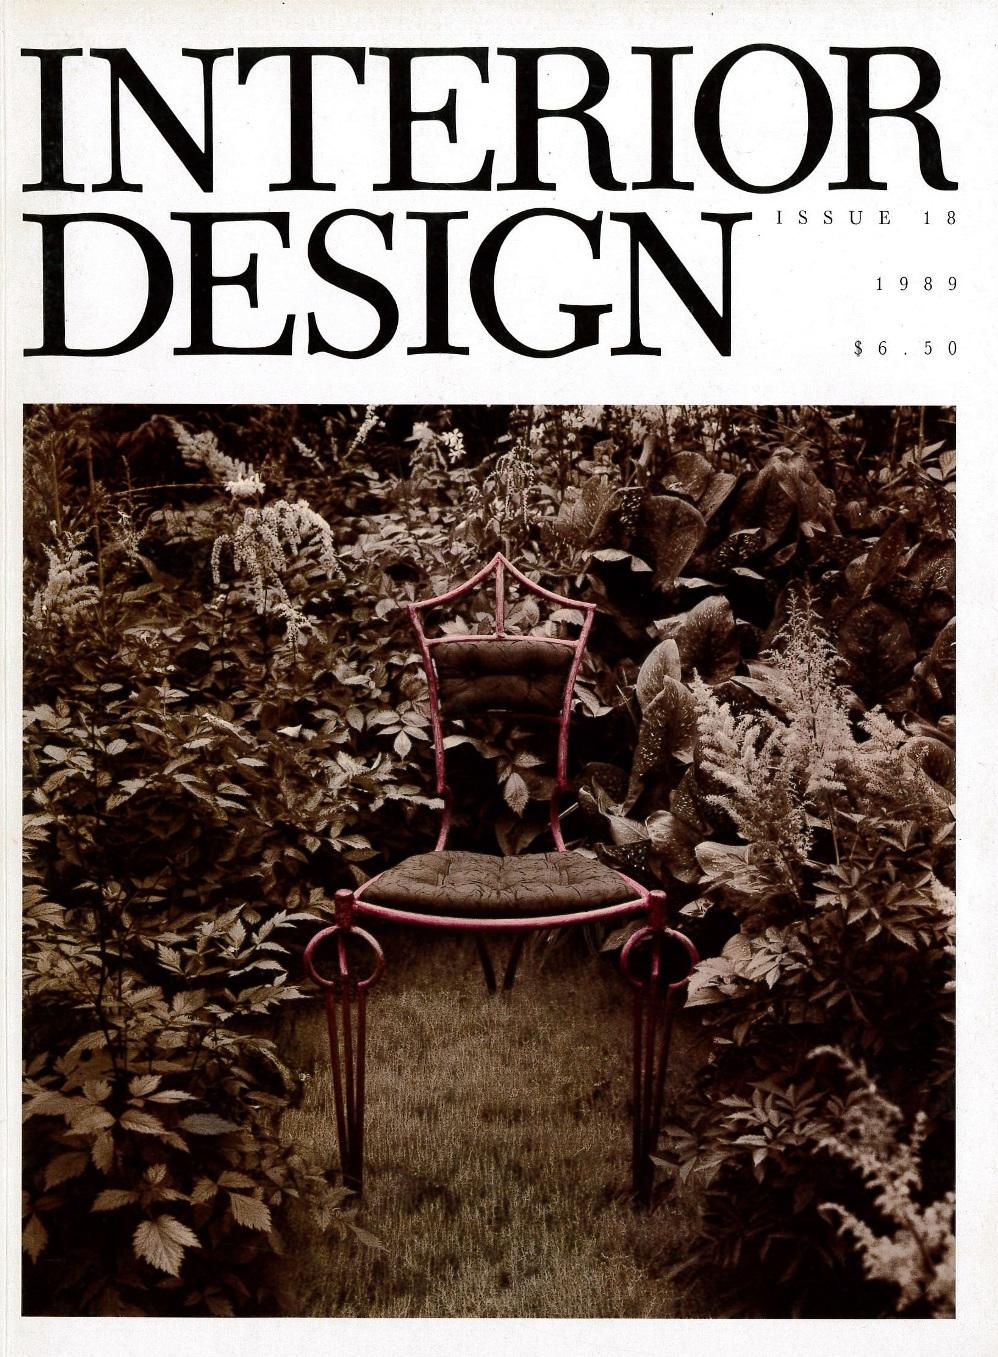 interior design magazine issue 18 1989